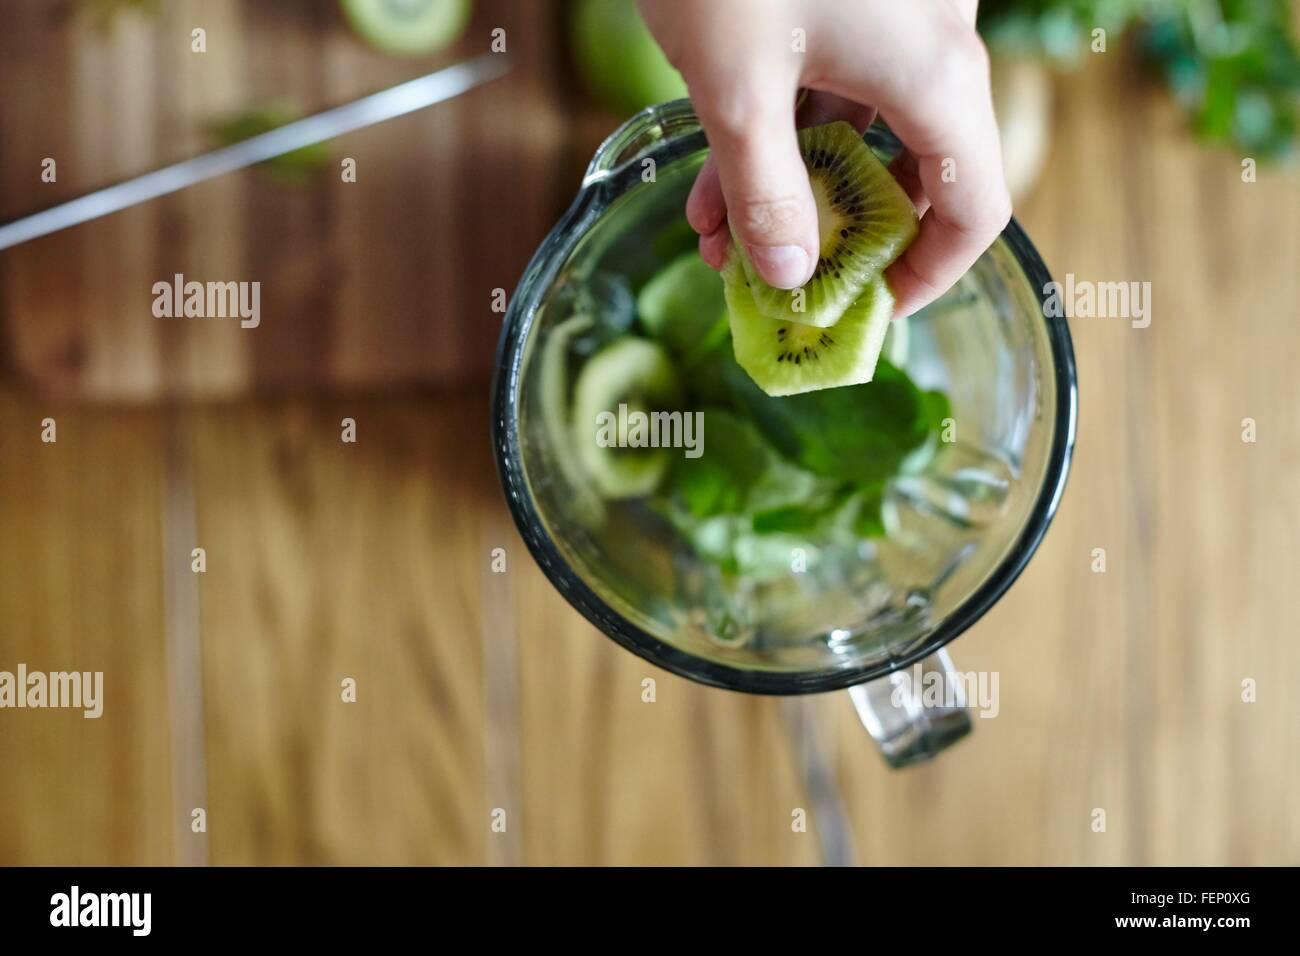 Woman holding sliced green kiwi over blender - Stock Image